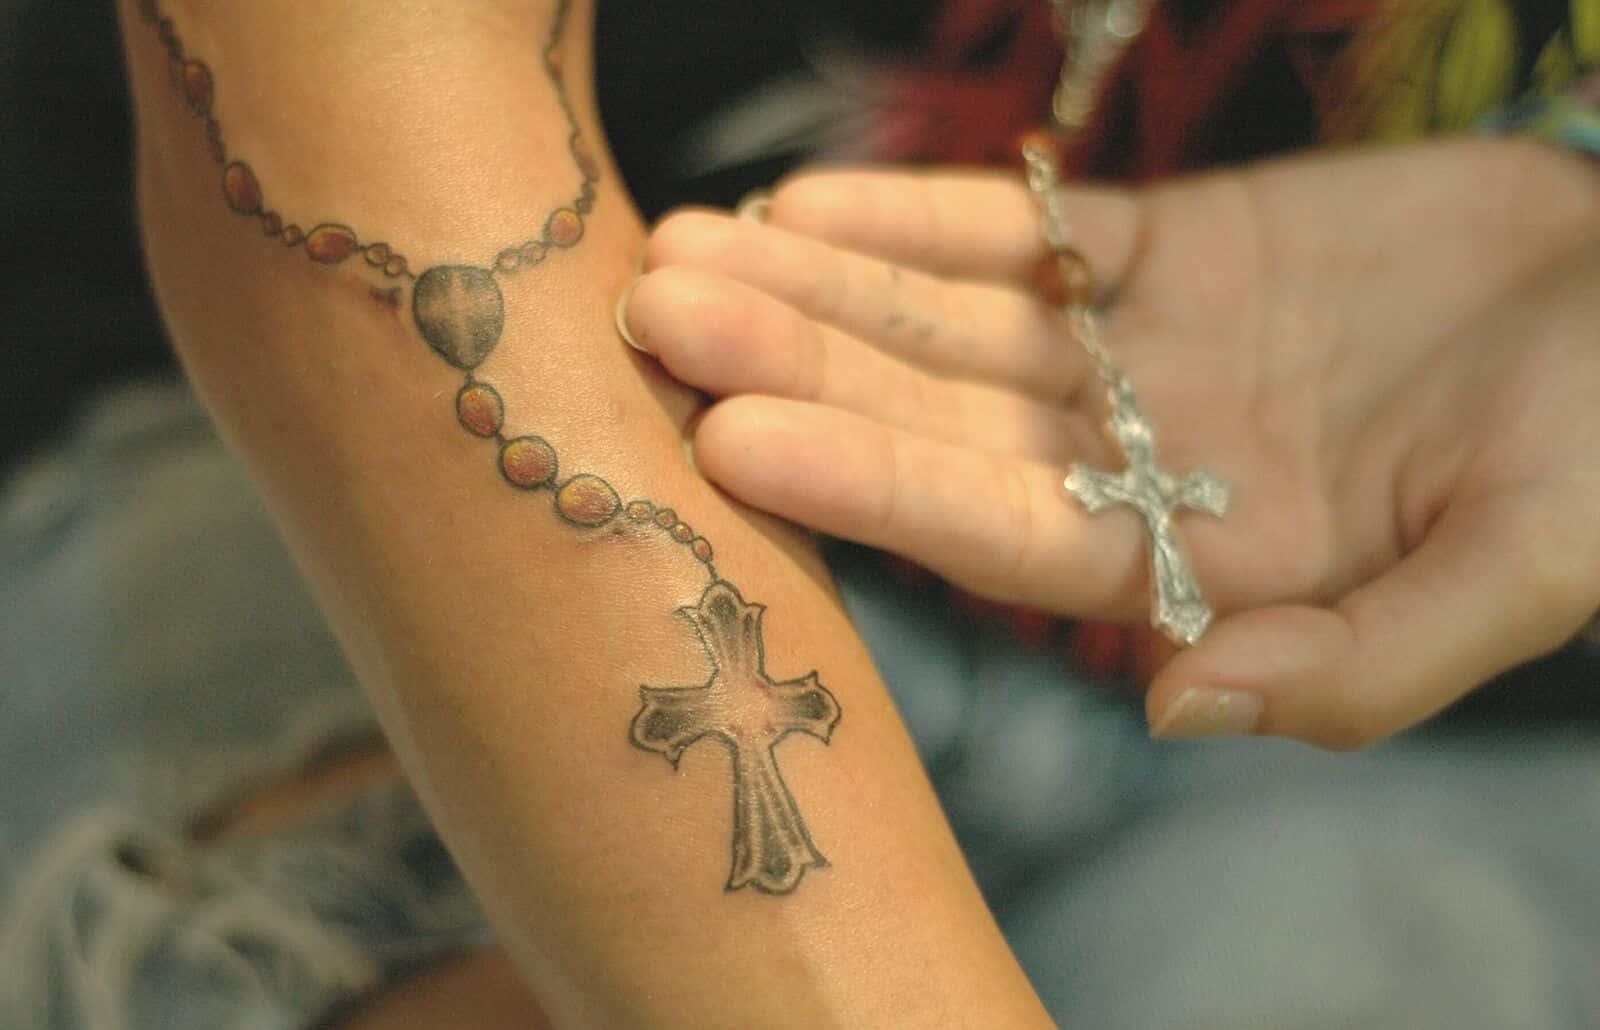 Significado de tatuagens - o sentido por trás do desenhos mias populares